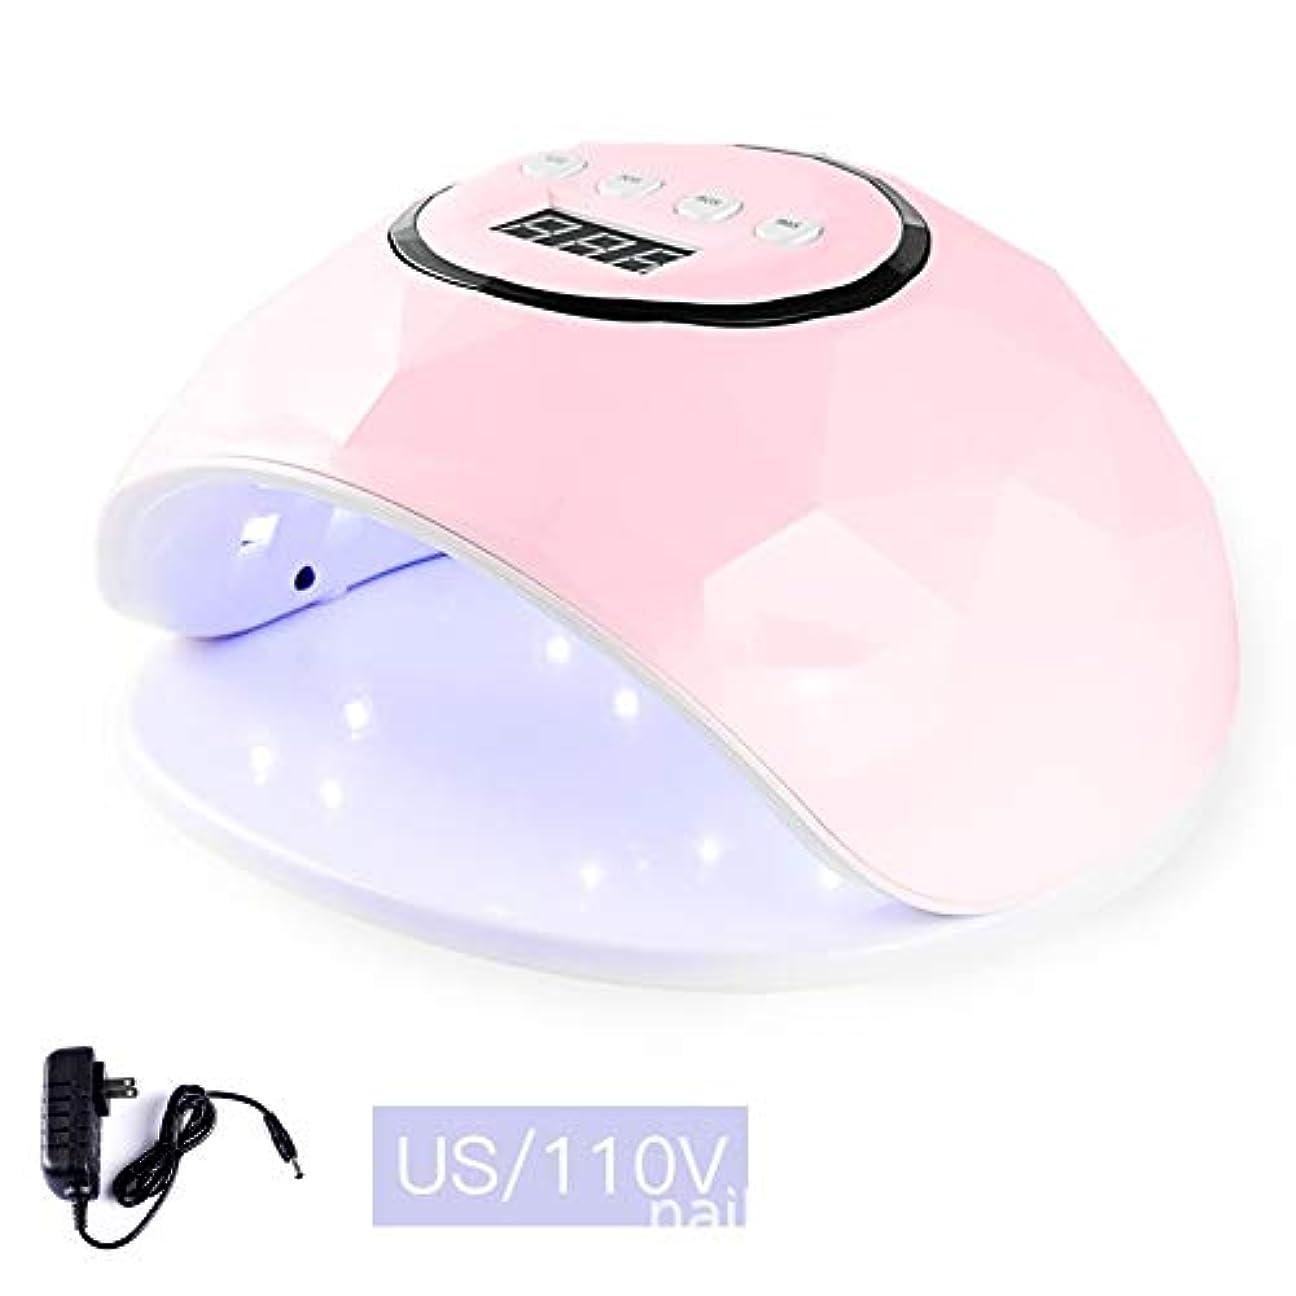 削除する確かな雑種LittleCat F5インテリジェントセンサー72W LEDランプライト療法機械ネイルネイルポリッシュドライヤーの熱ランプガム (色 : Pink 110V flat plug 72 watts)